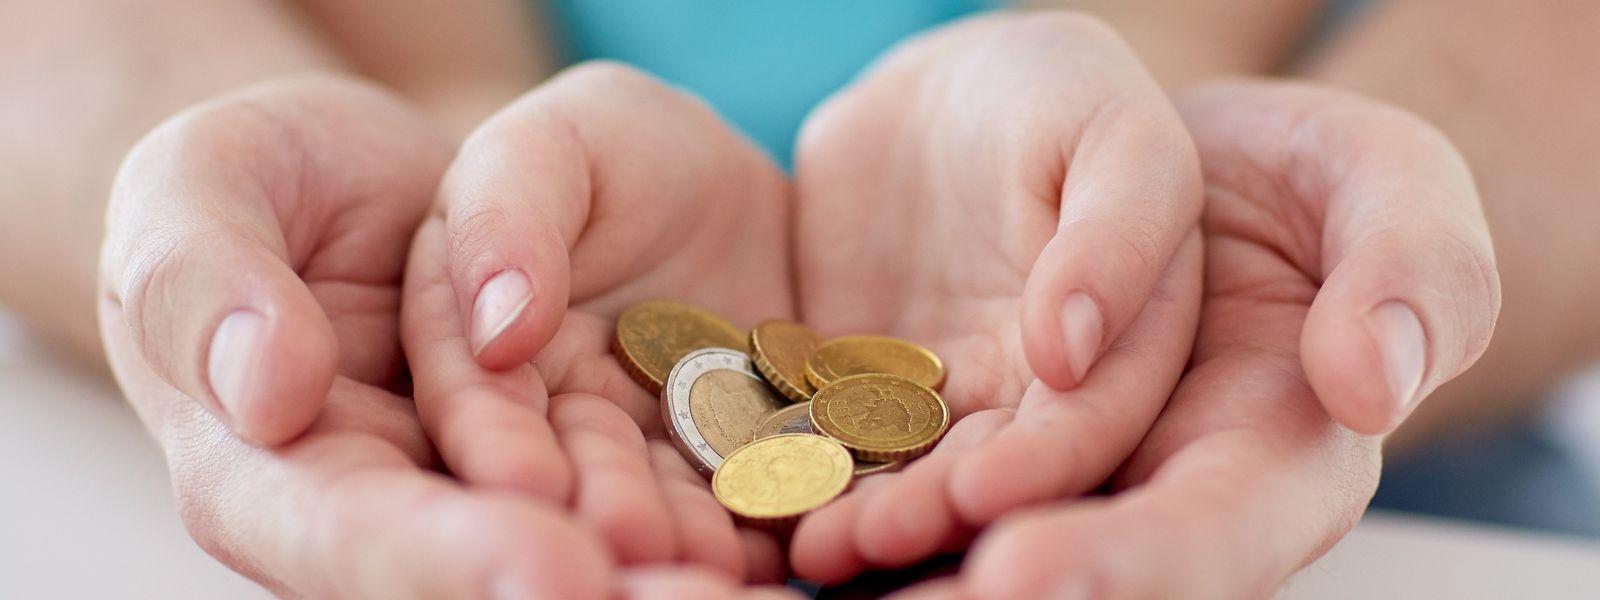 Luxemburg muss auch für die Kinder der Partner eines Grenzgängers Kindergeld zahlen, sagt der EuGH.